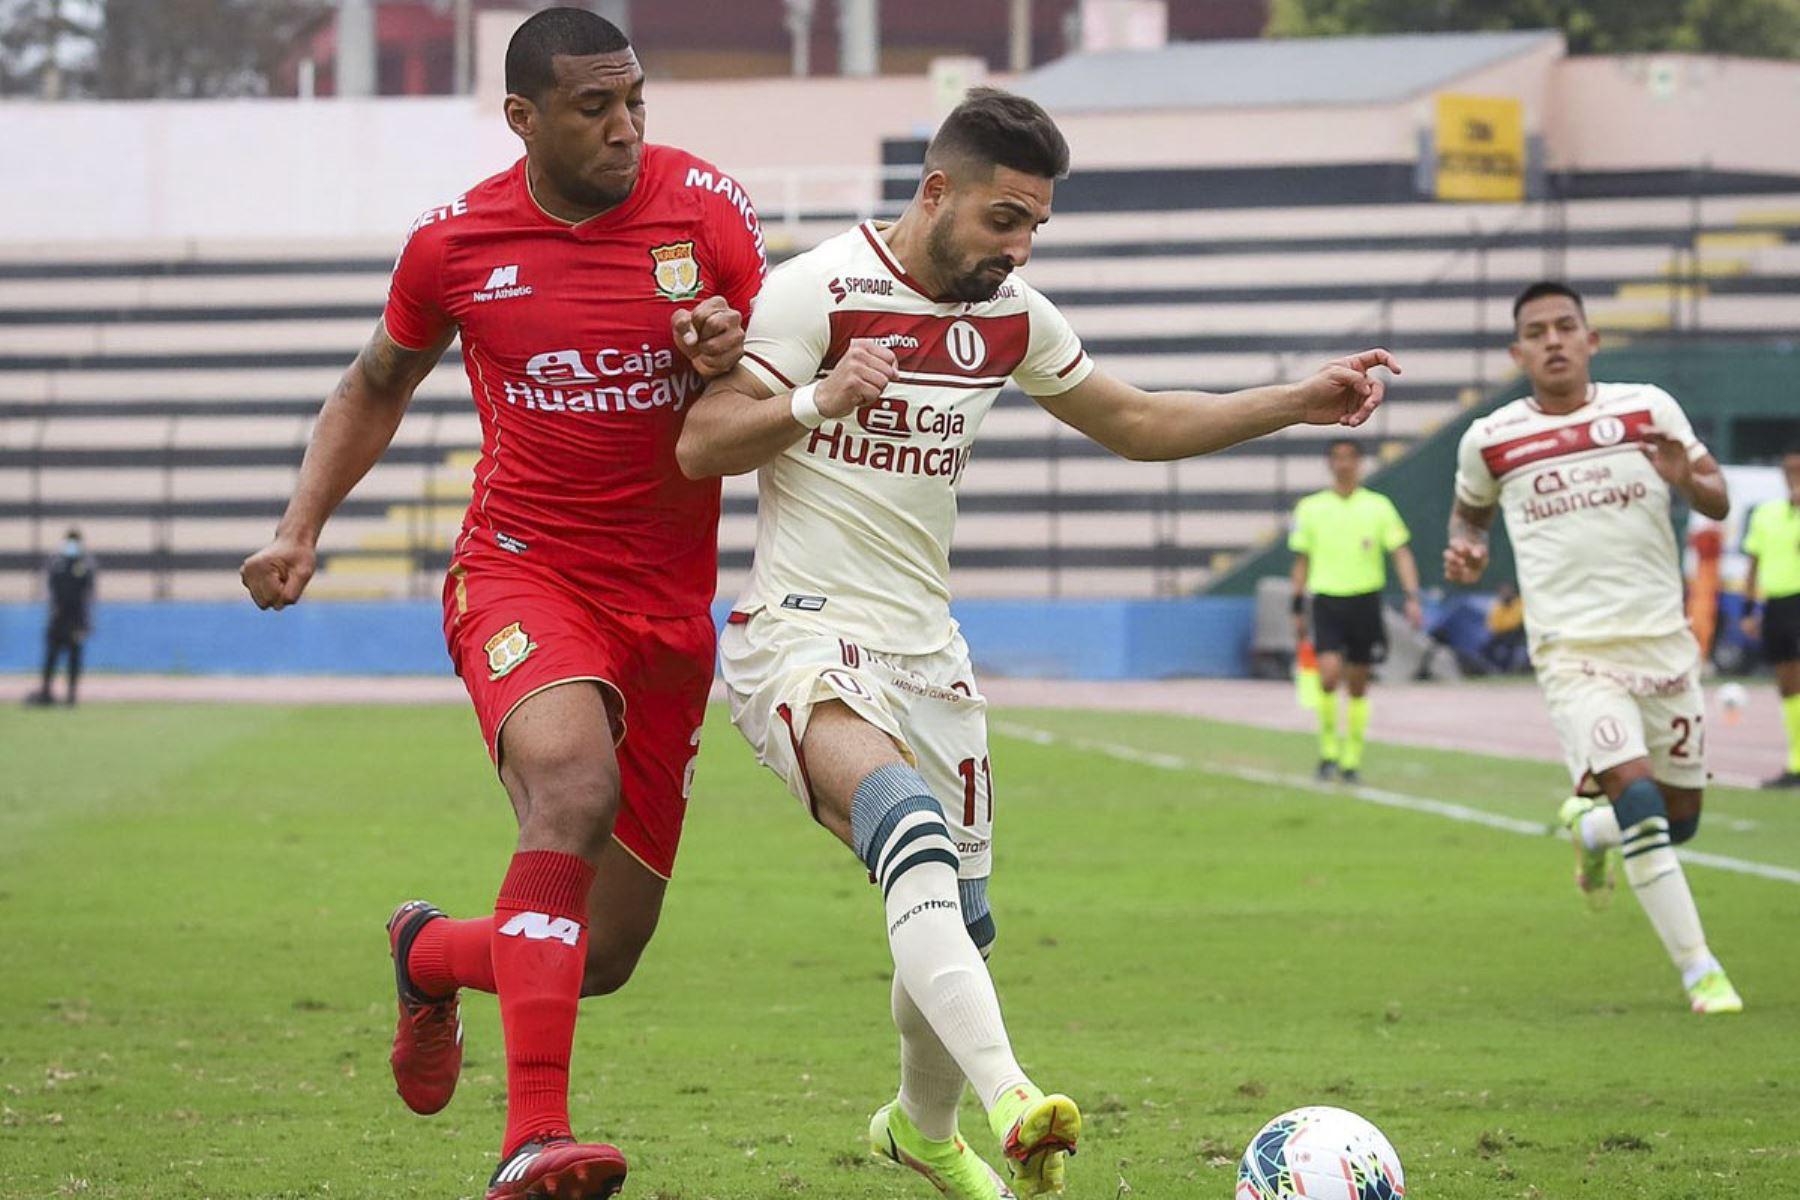 Universitario de Deportes gana 3 a 1 a Sport Huancayo en un partido por la fecha 13 de la Fase 2 de la Liga 1 Profesional. Foto: ANDINA/Liga 1